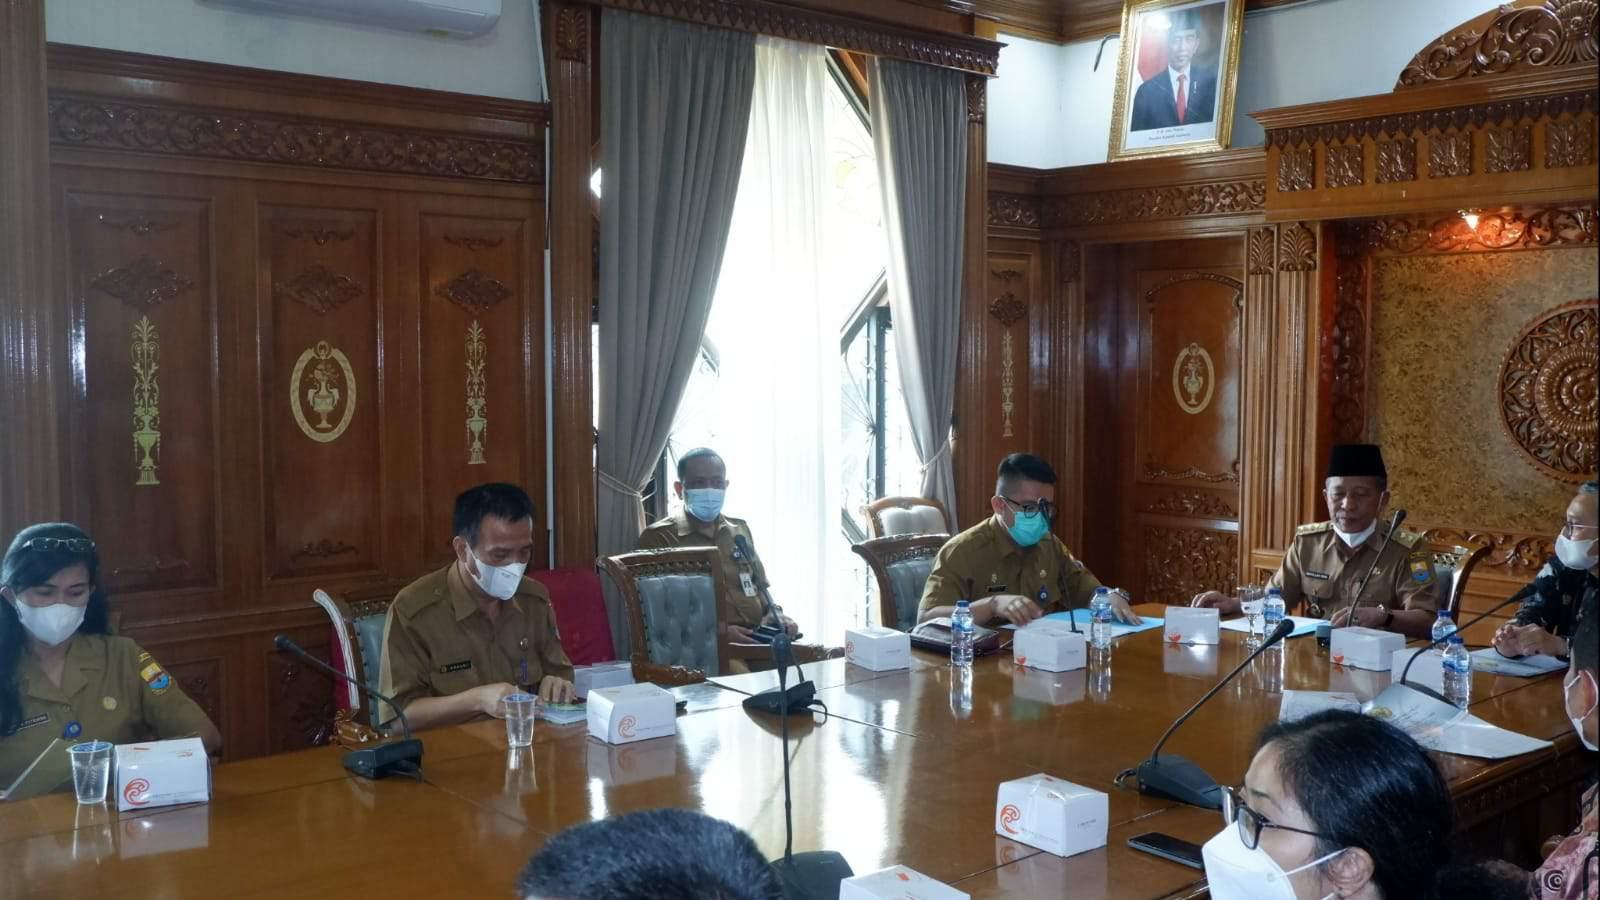 Wagub Abdullah Sani saat pertemuan dengan perwakilan BPK RI